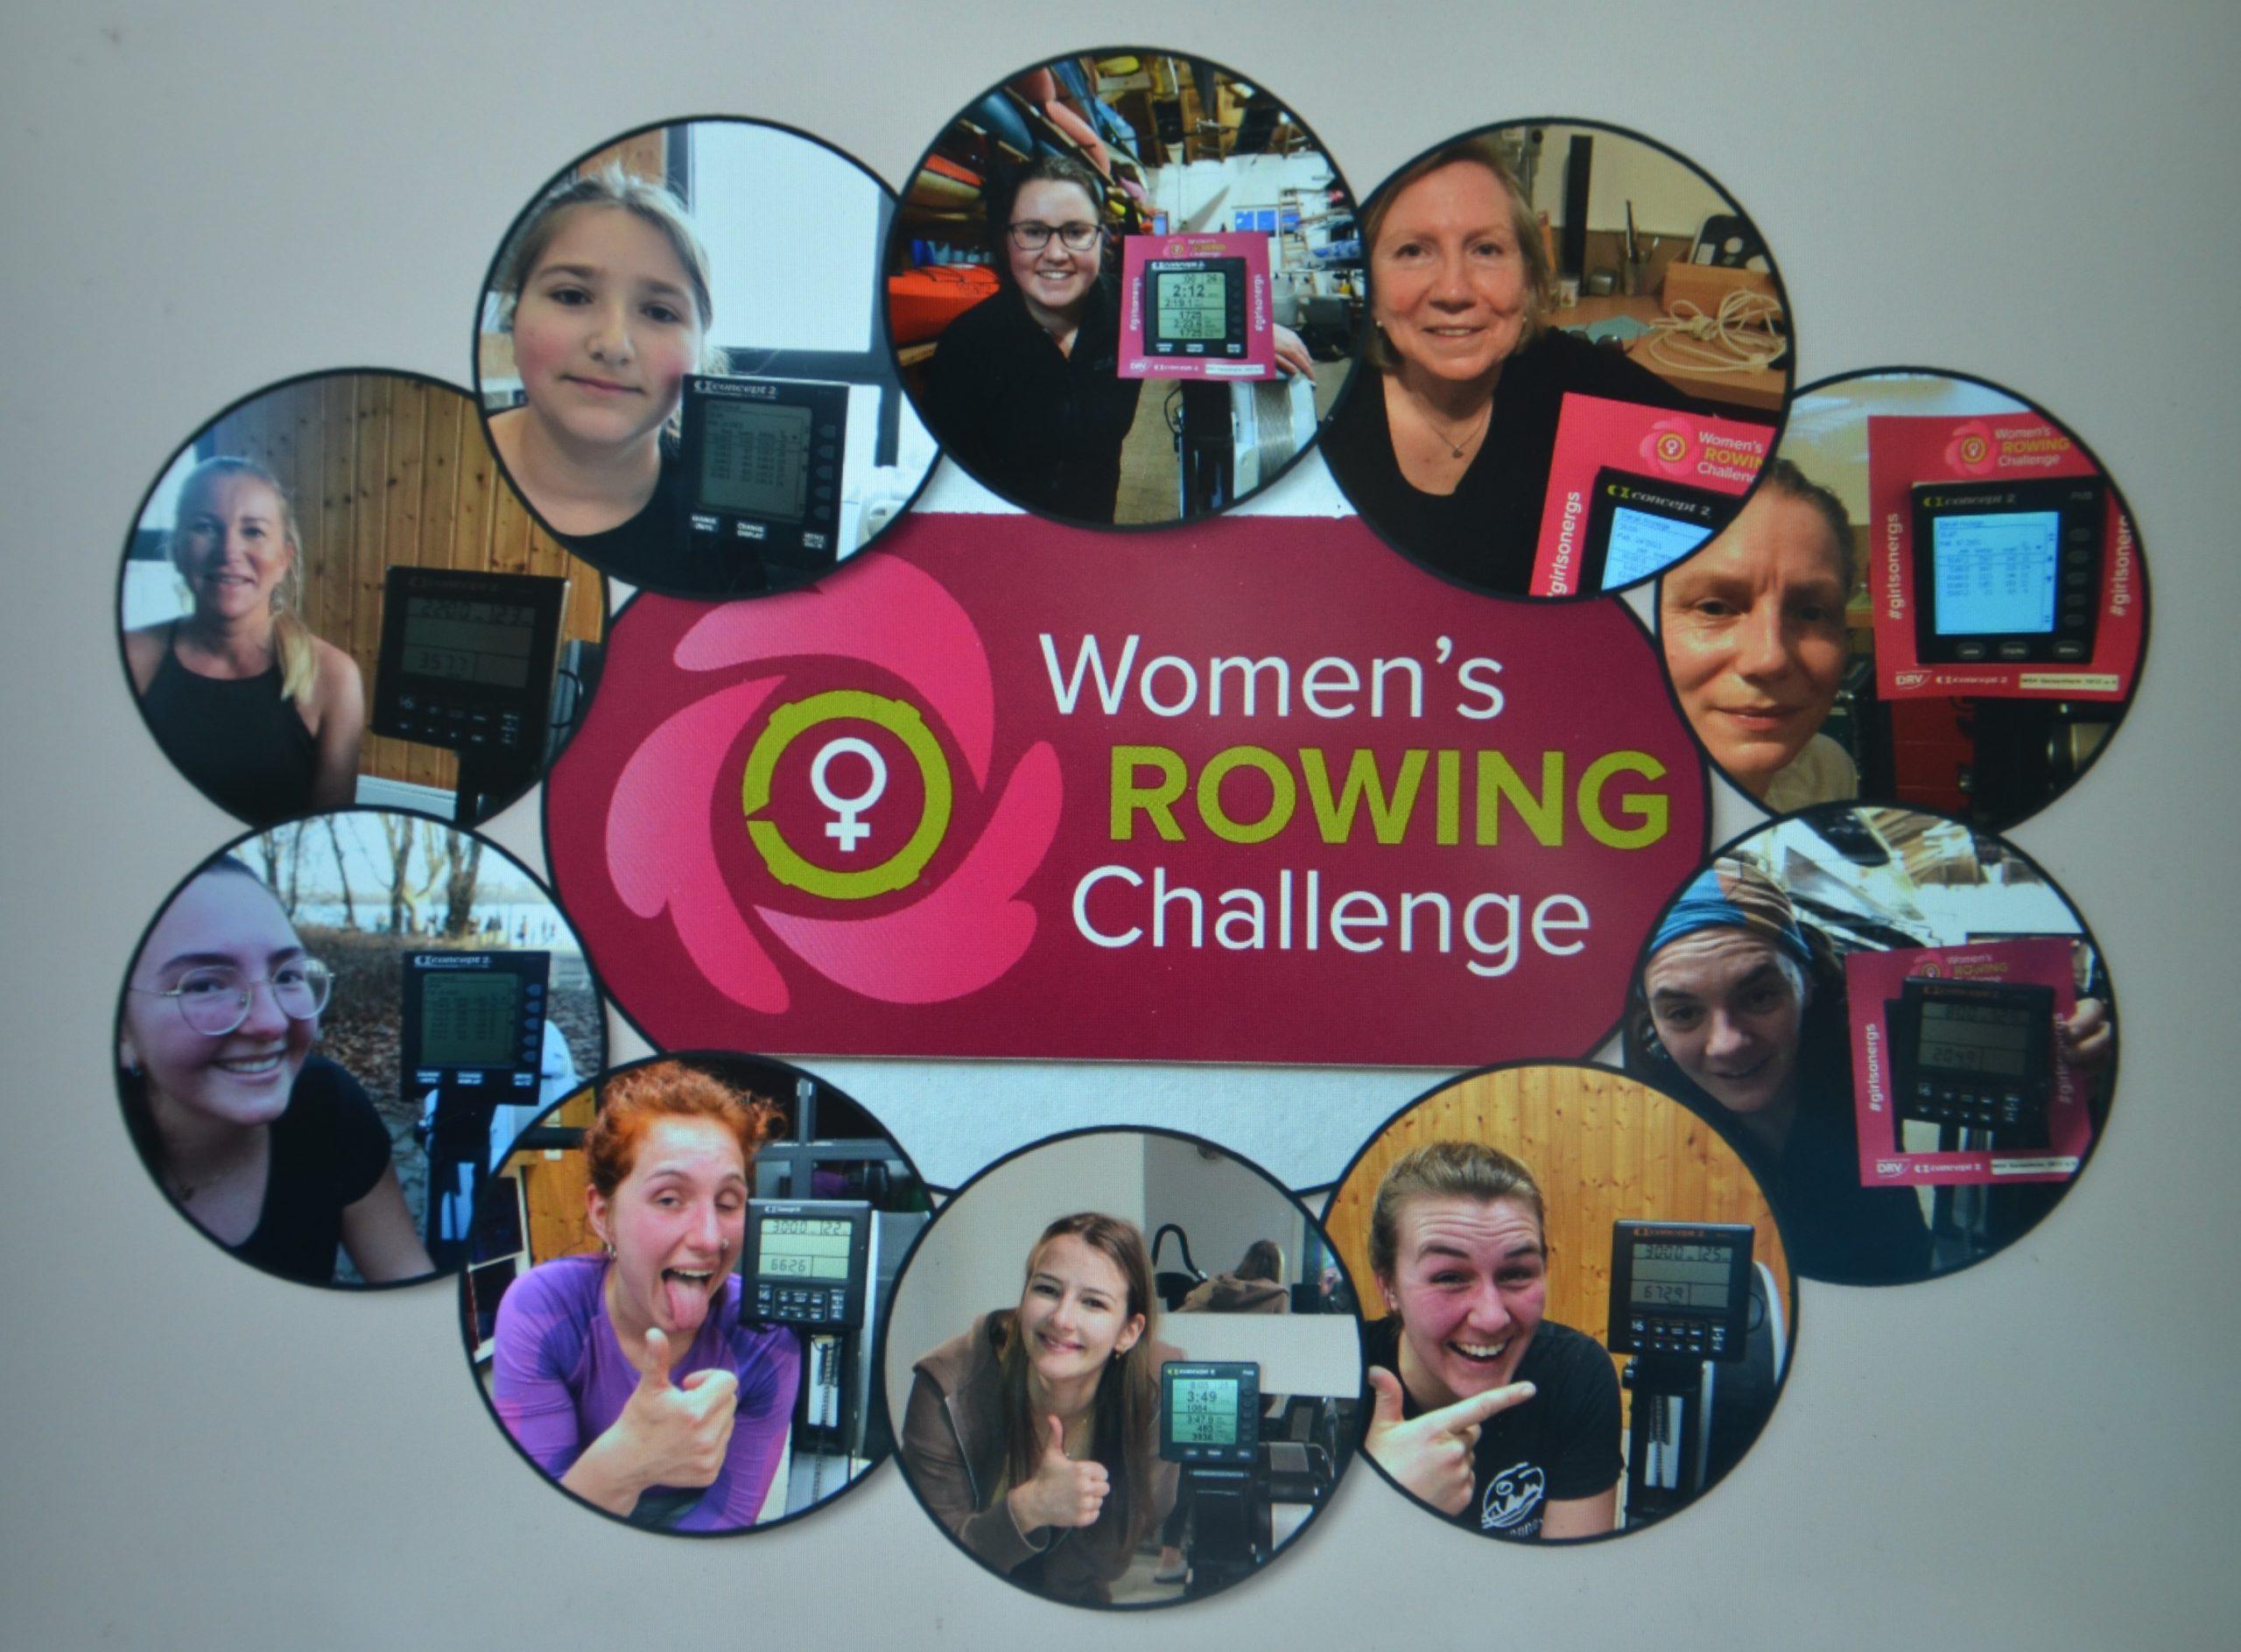 Women's Rowing Challenge